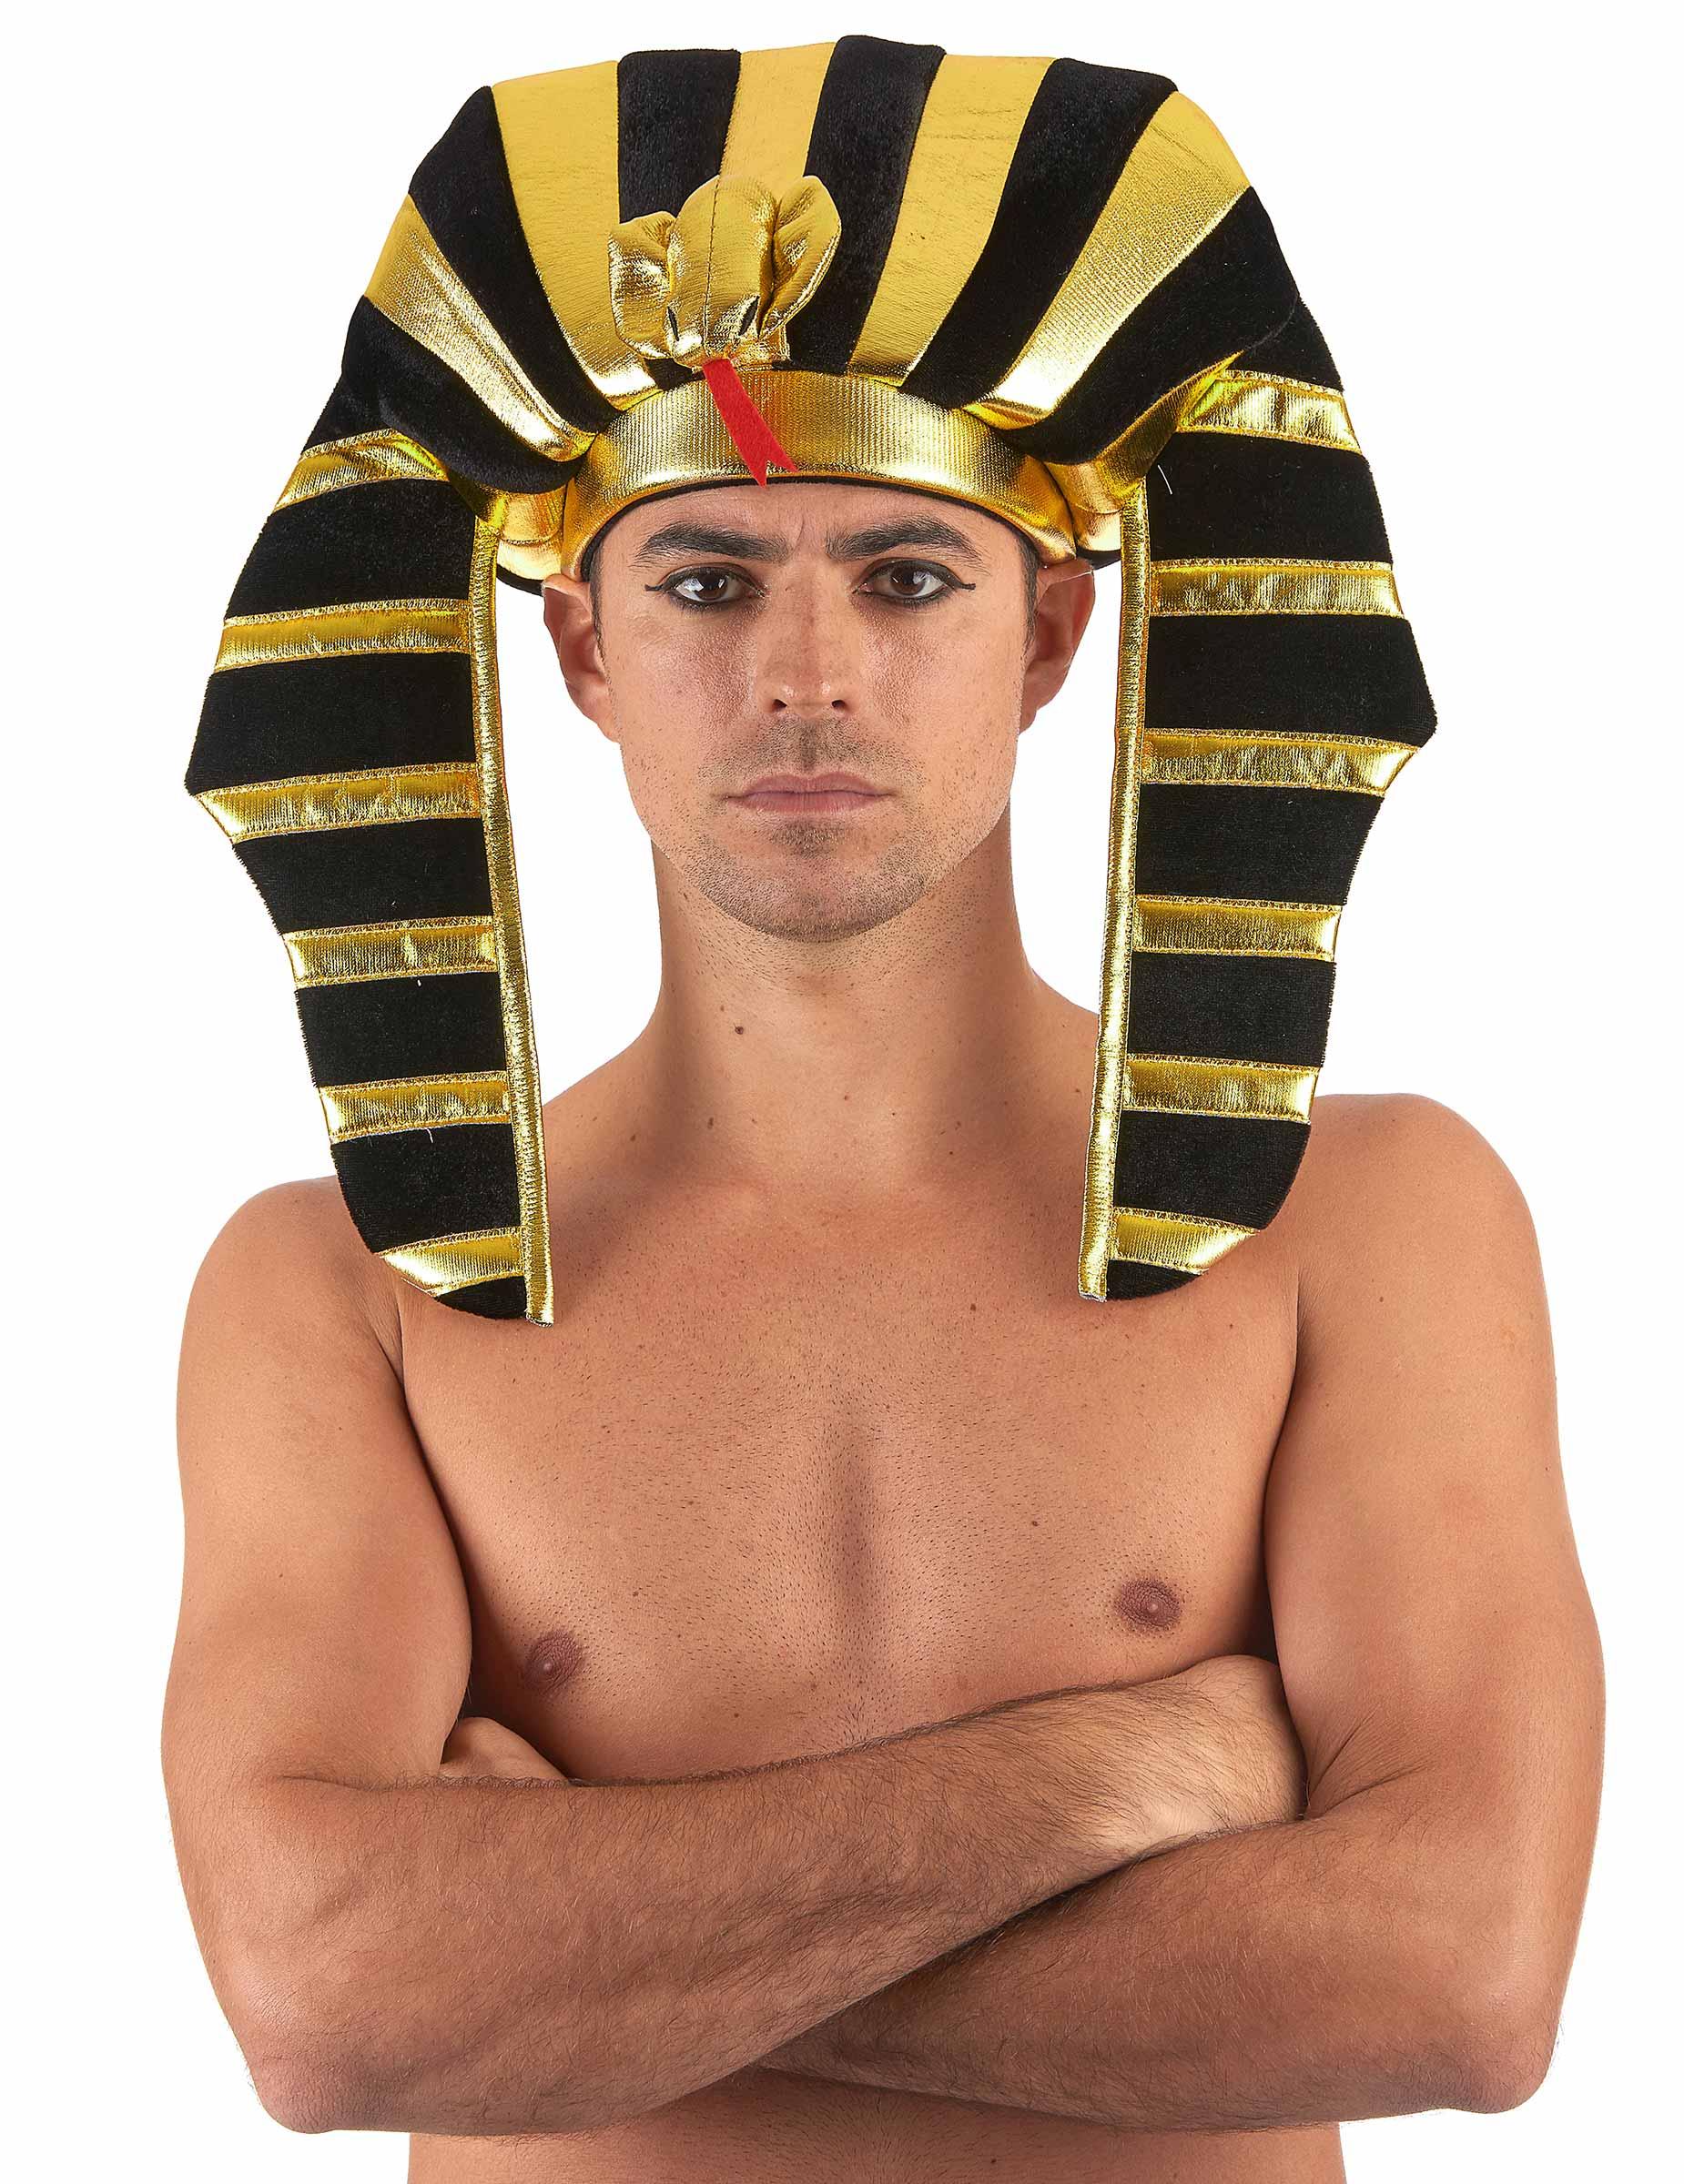 Accessorio per travestimento da faraone  copricapo dorato con testa ... 24dd28c51ff